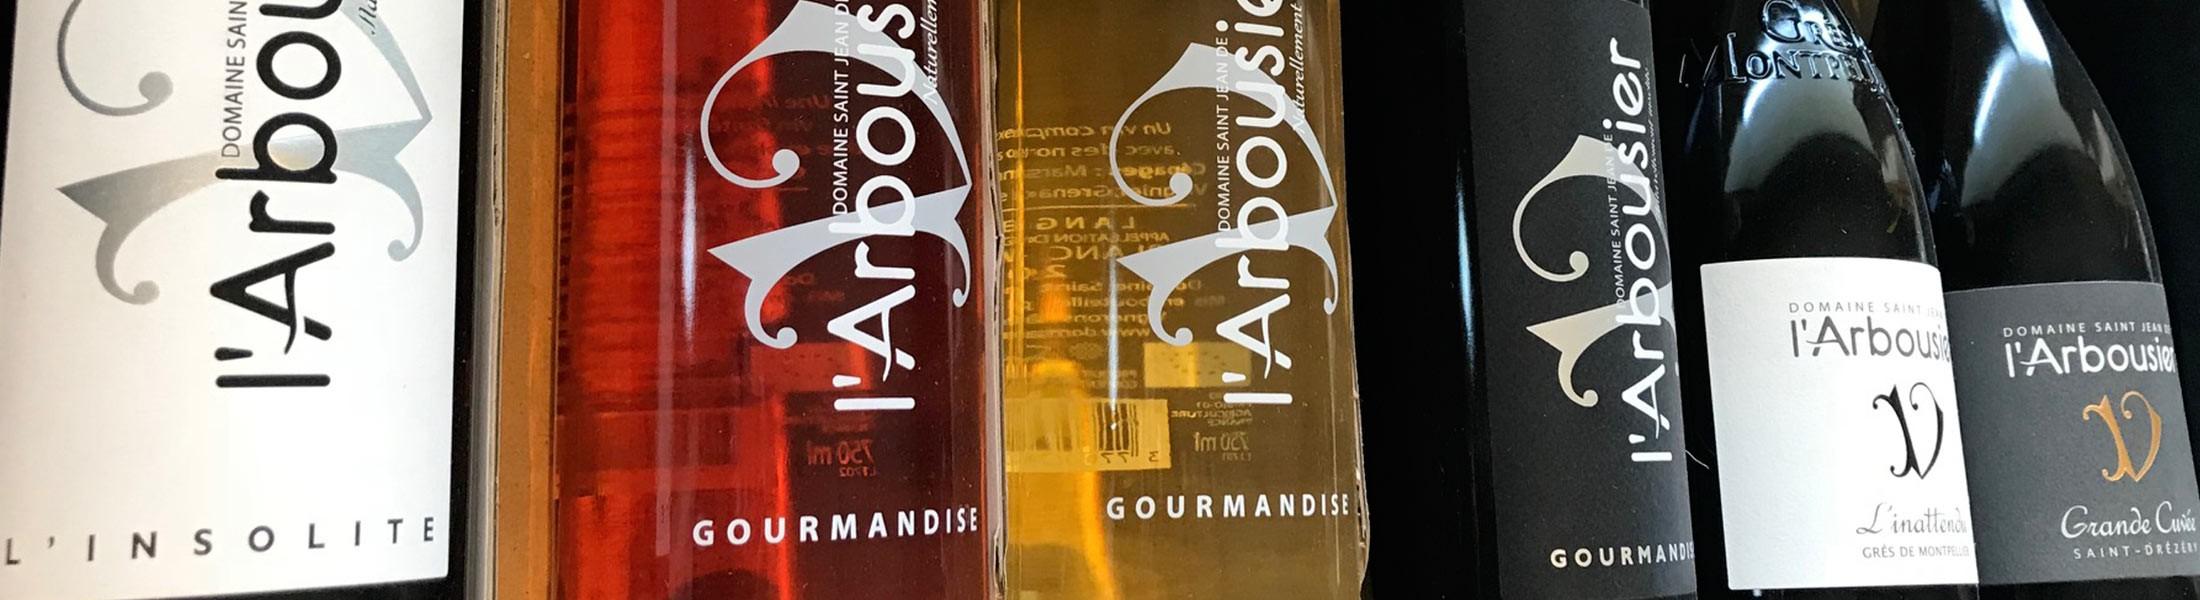 Carton découverte de vins Domaine de l'Arbousier